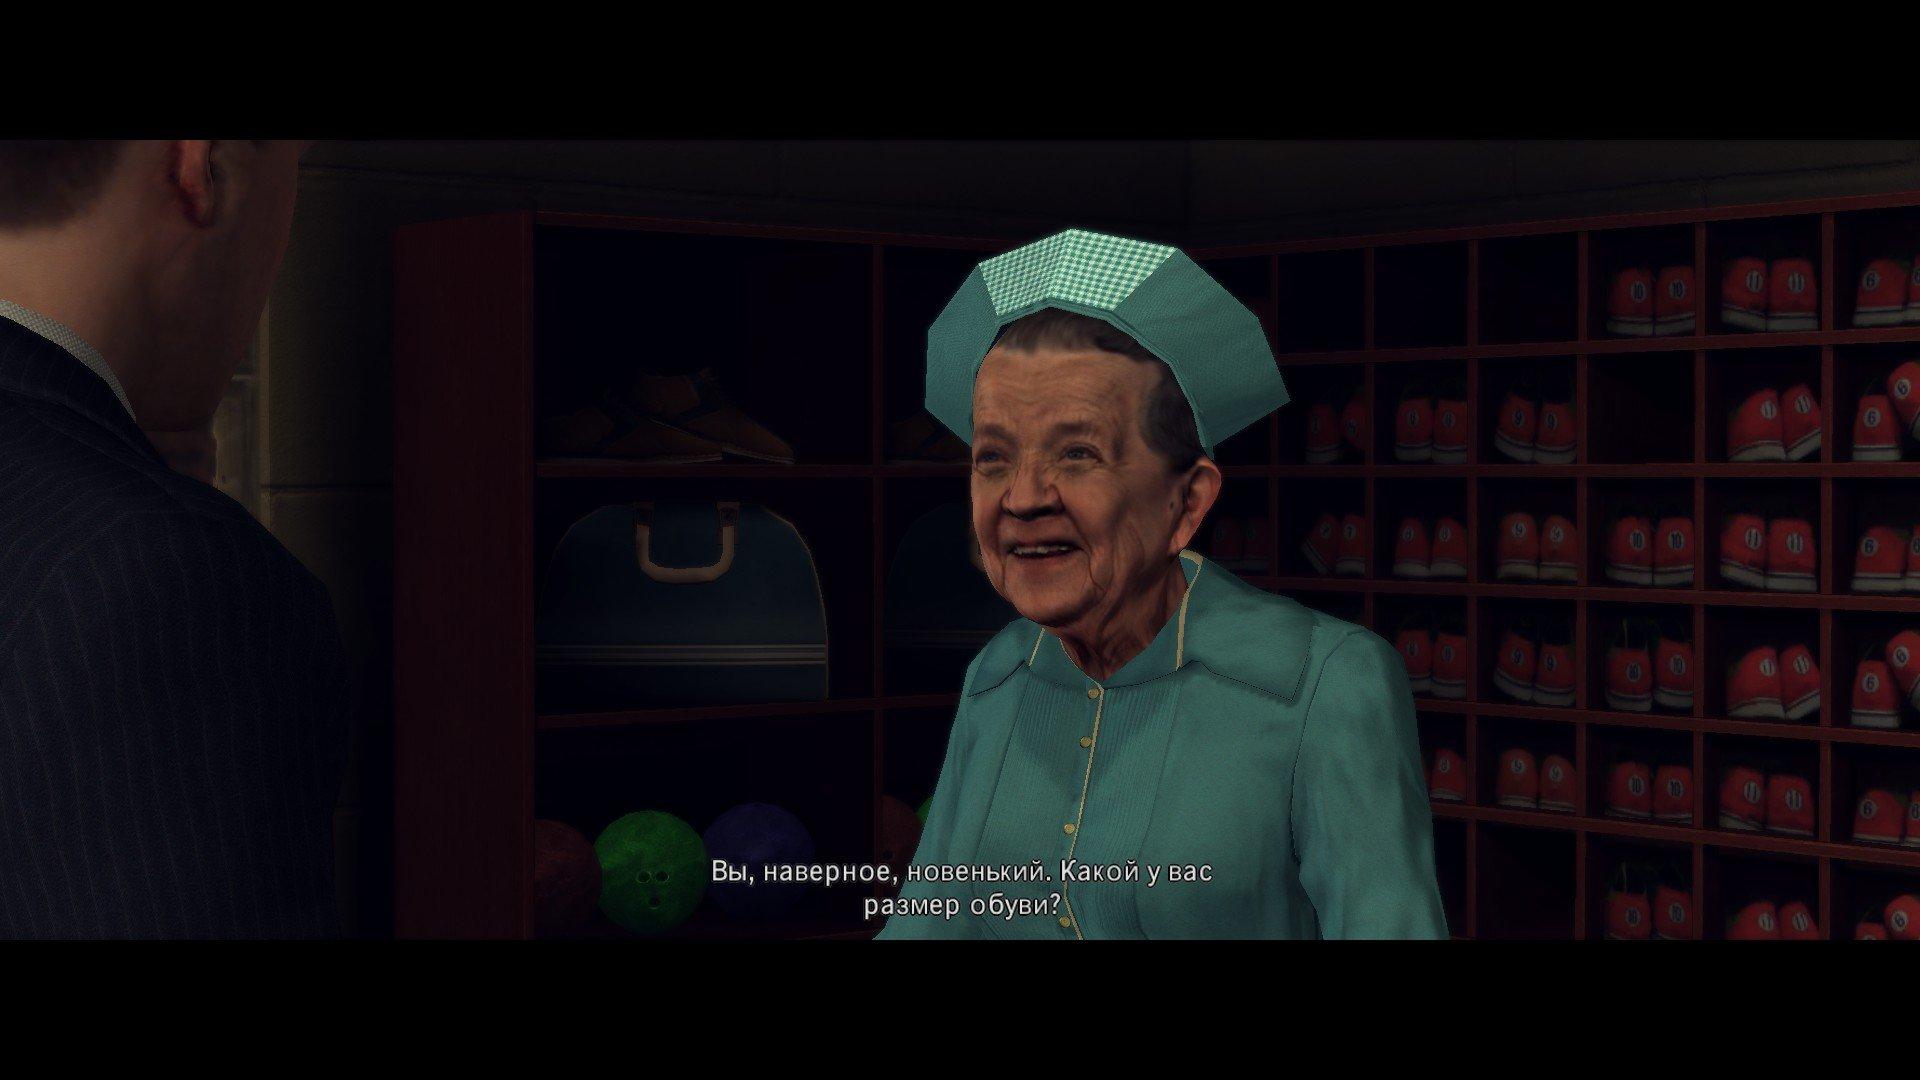 Пост-прохождение L.A. Noire Часть 12. - Изображение 44